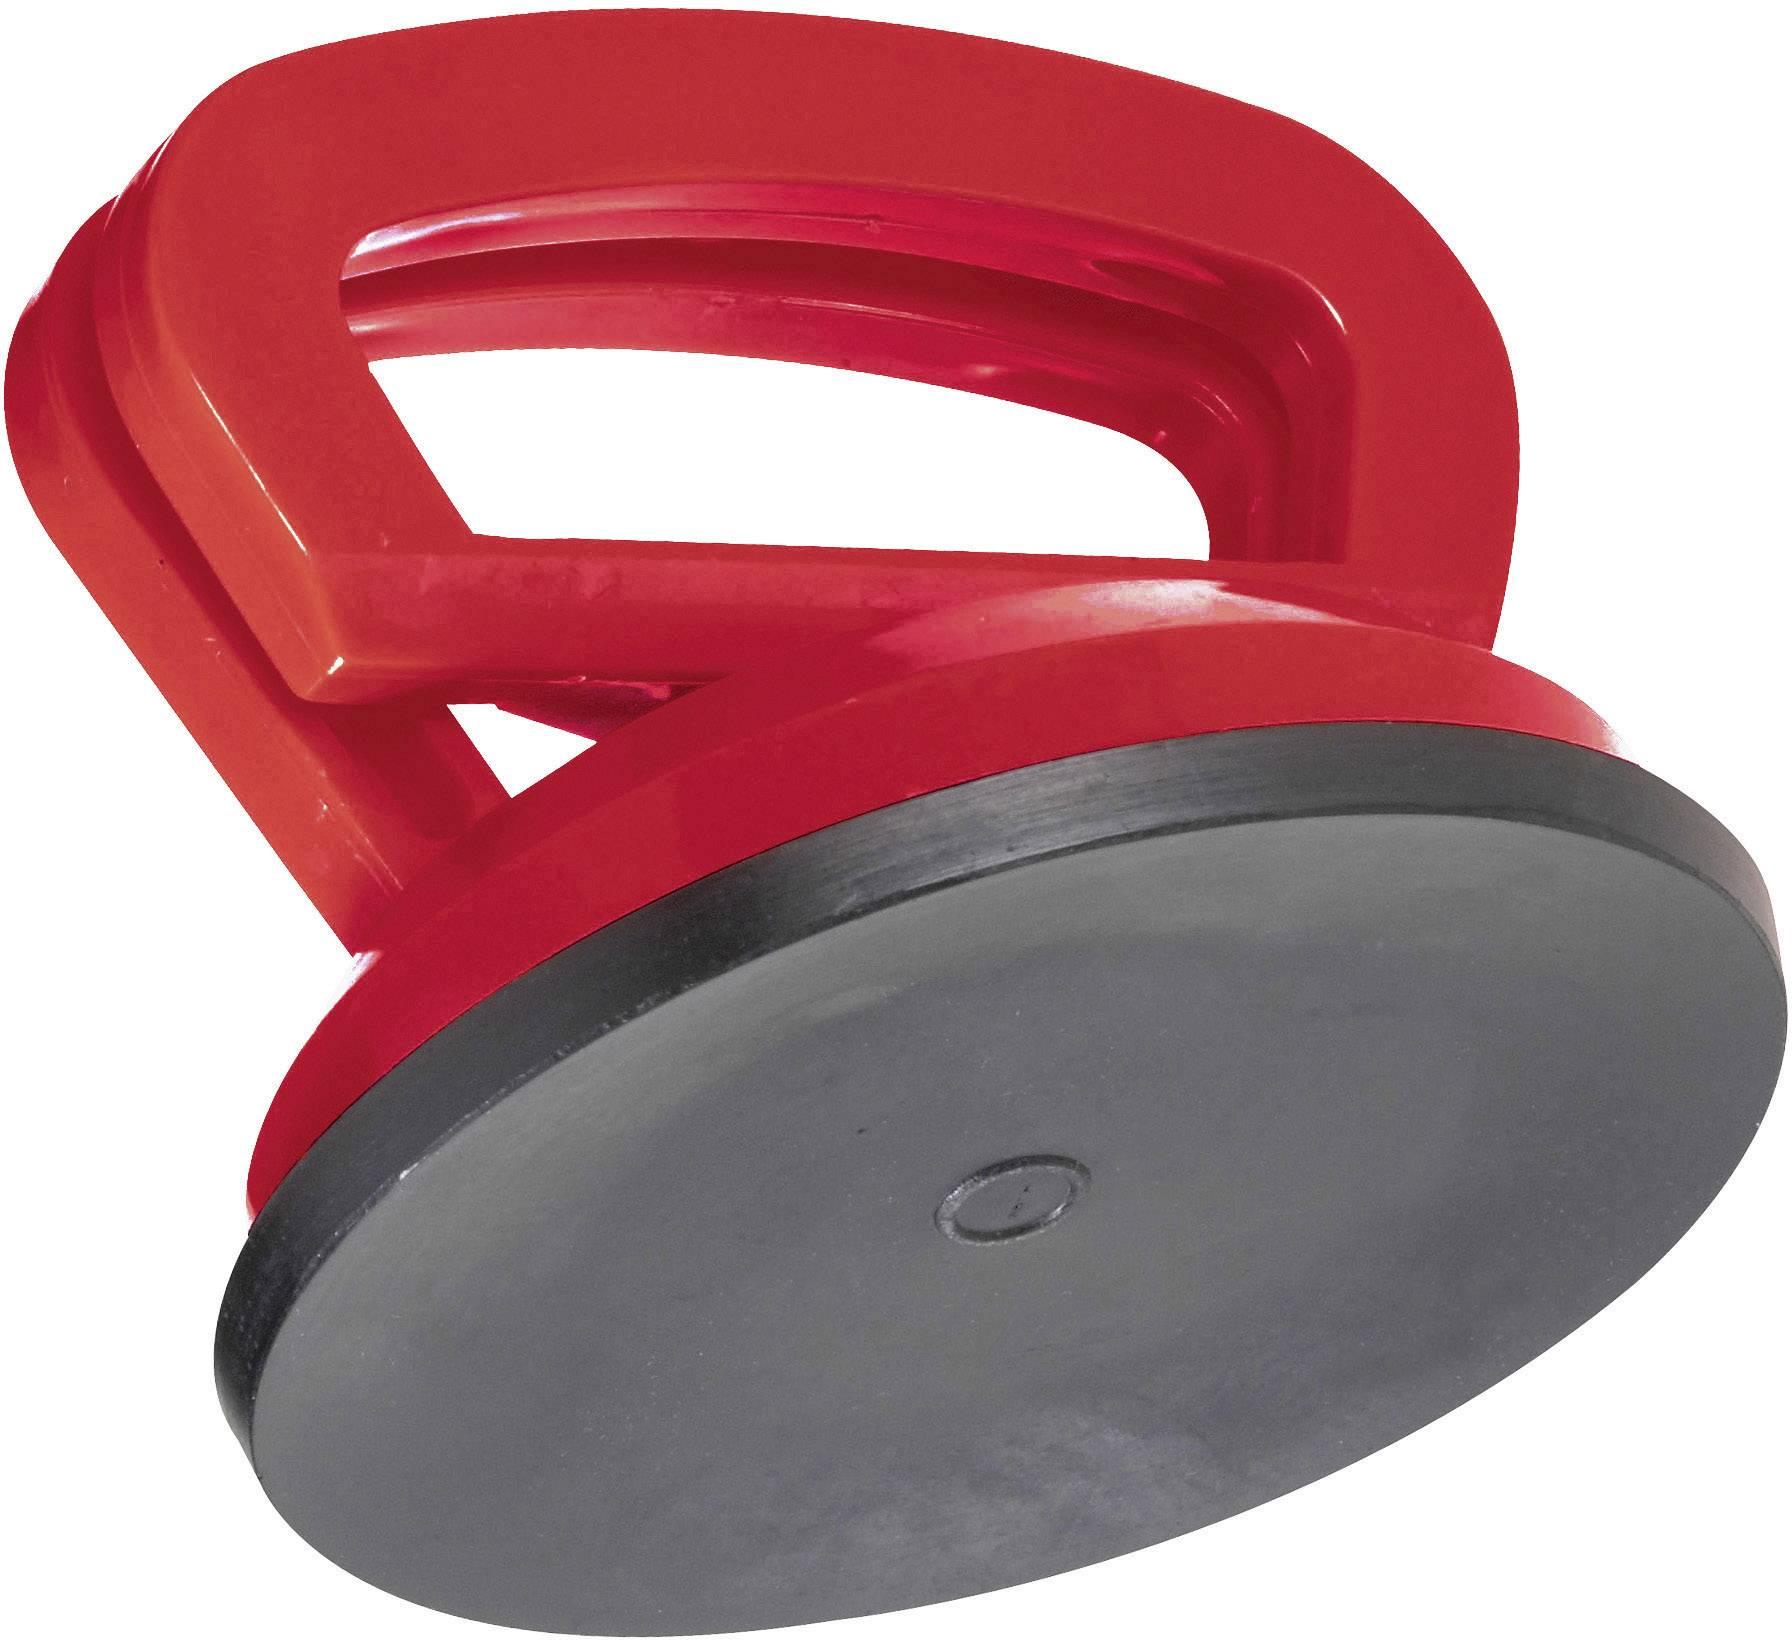 Ručná prísavka na prenášanie predmetov TOOLCRAFT 887229, Max.nosnosť 40 kg